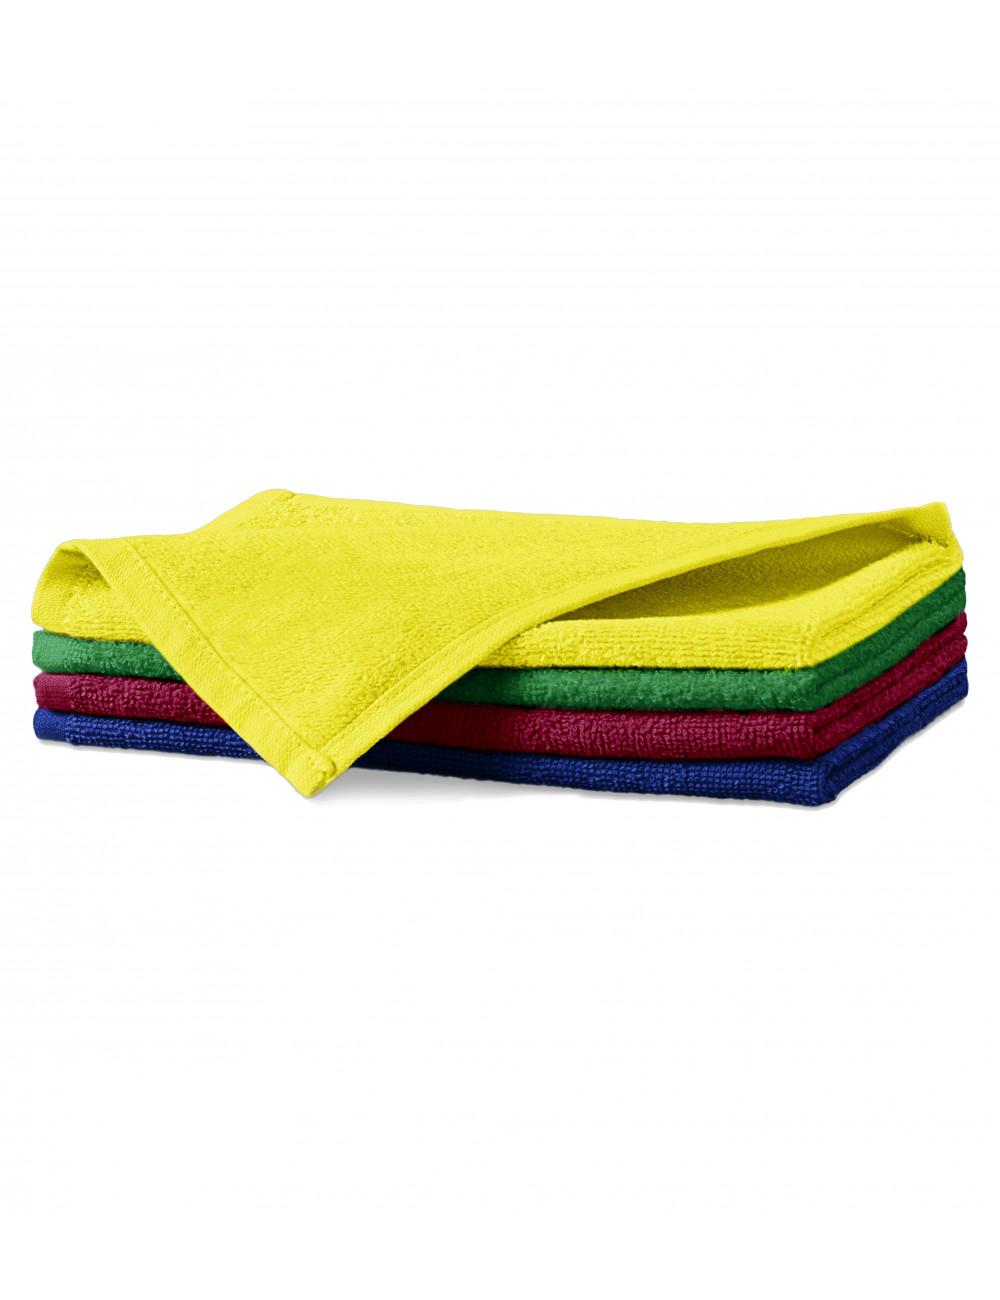 Adler MALFINI Ręcznik mały unisex Terry Hand Towel 907 chabrowy